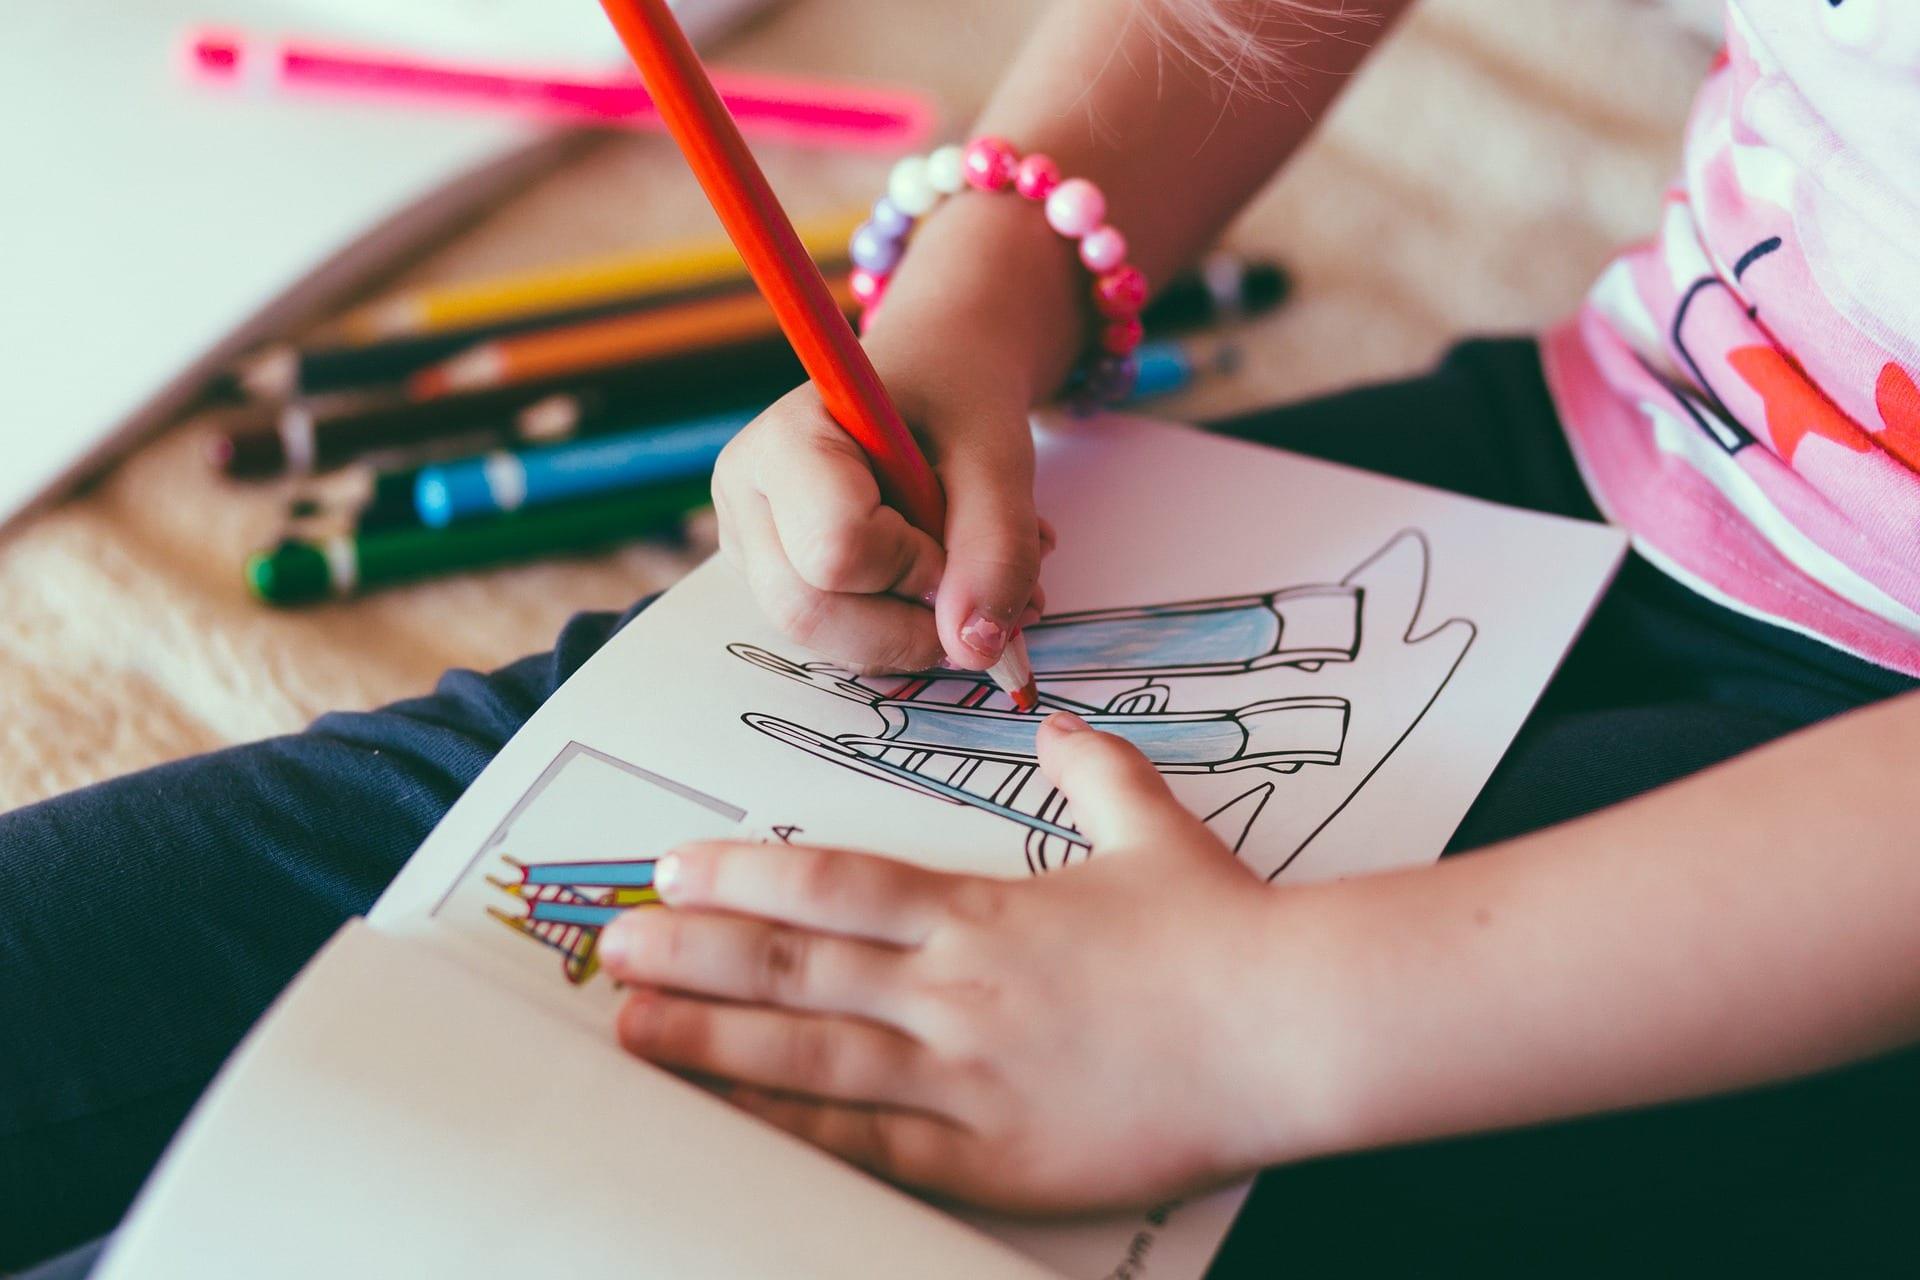 Рисование как способ запомнить новые слова и грамматику